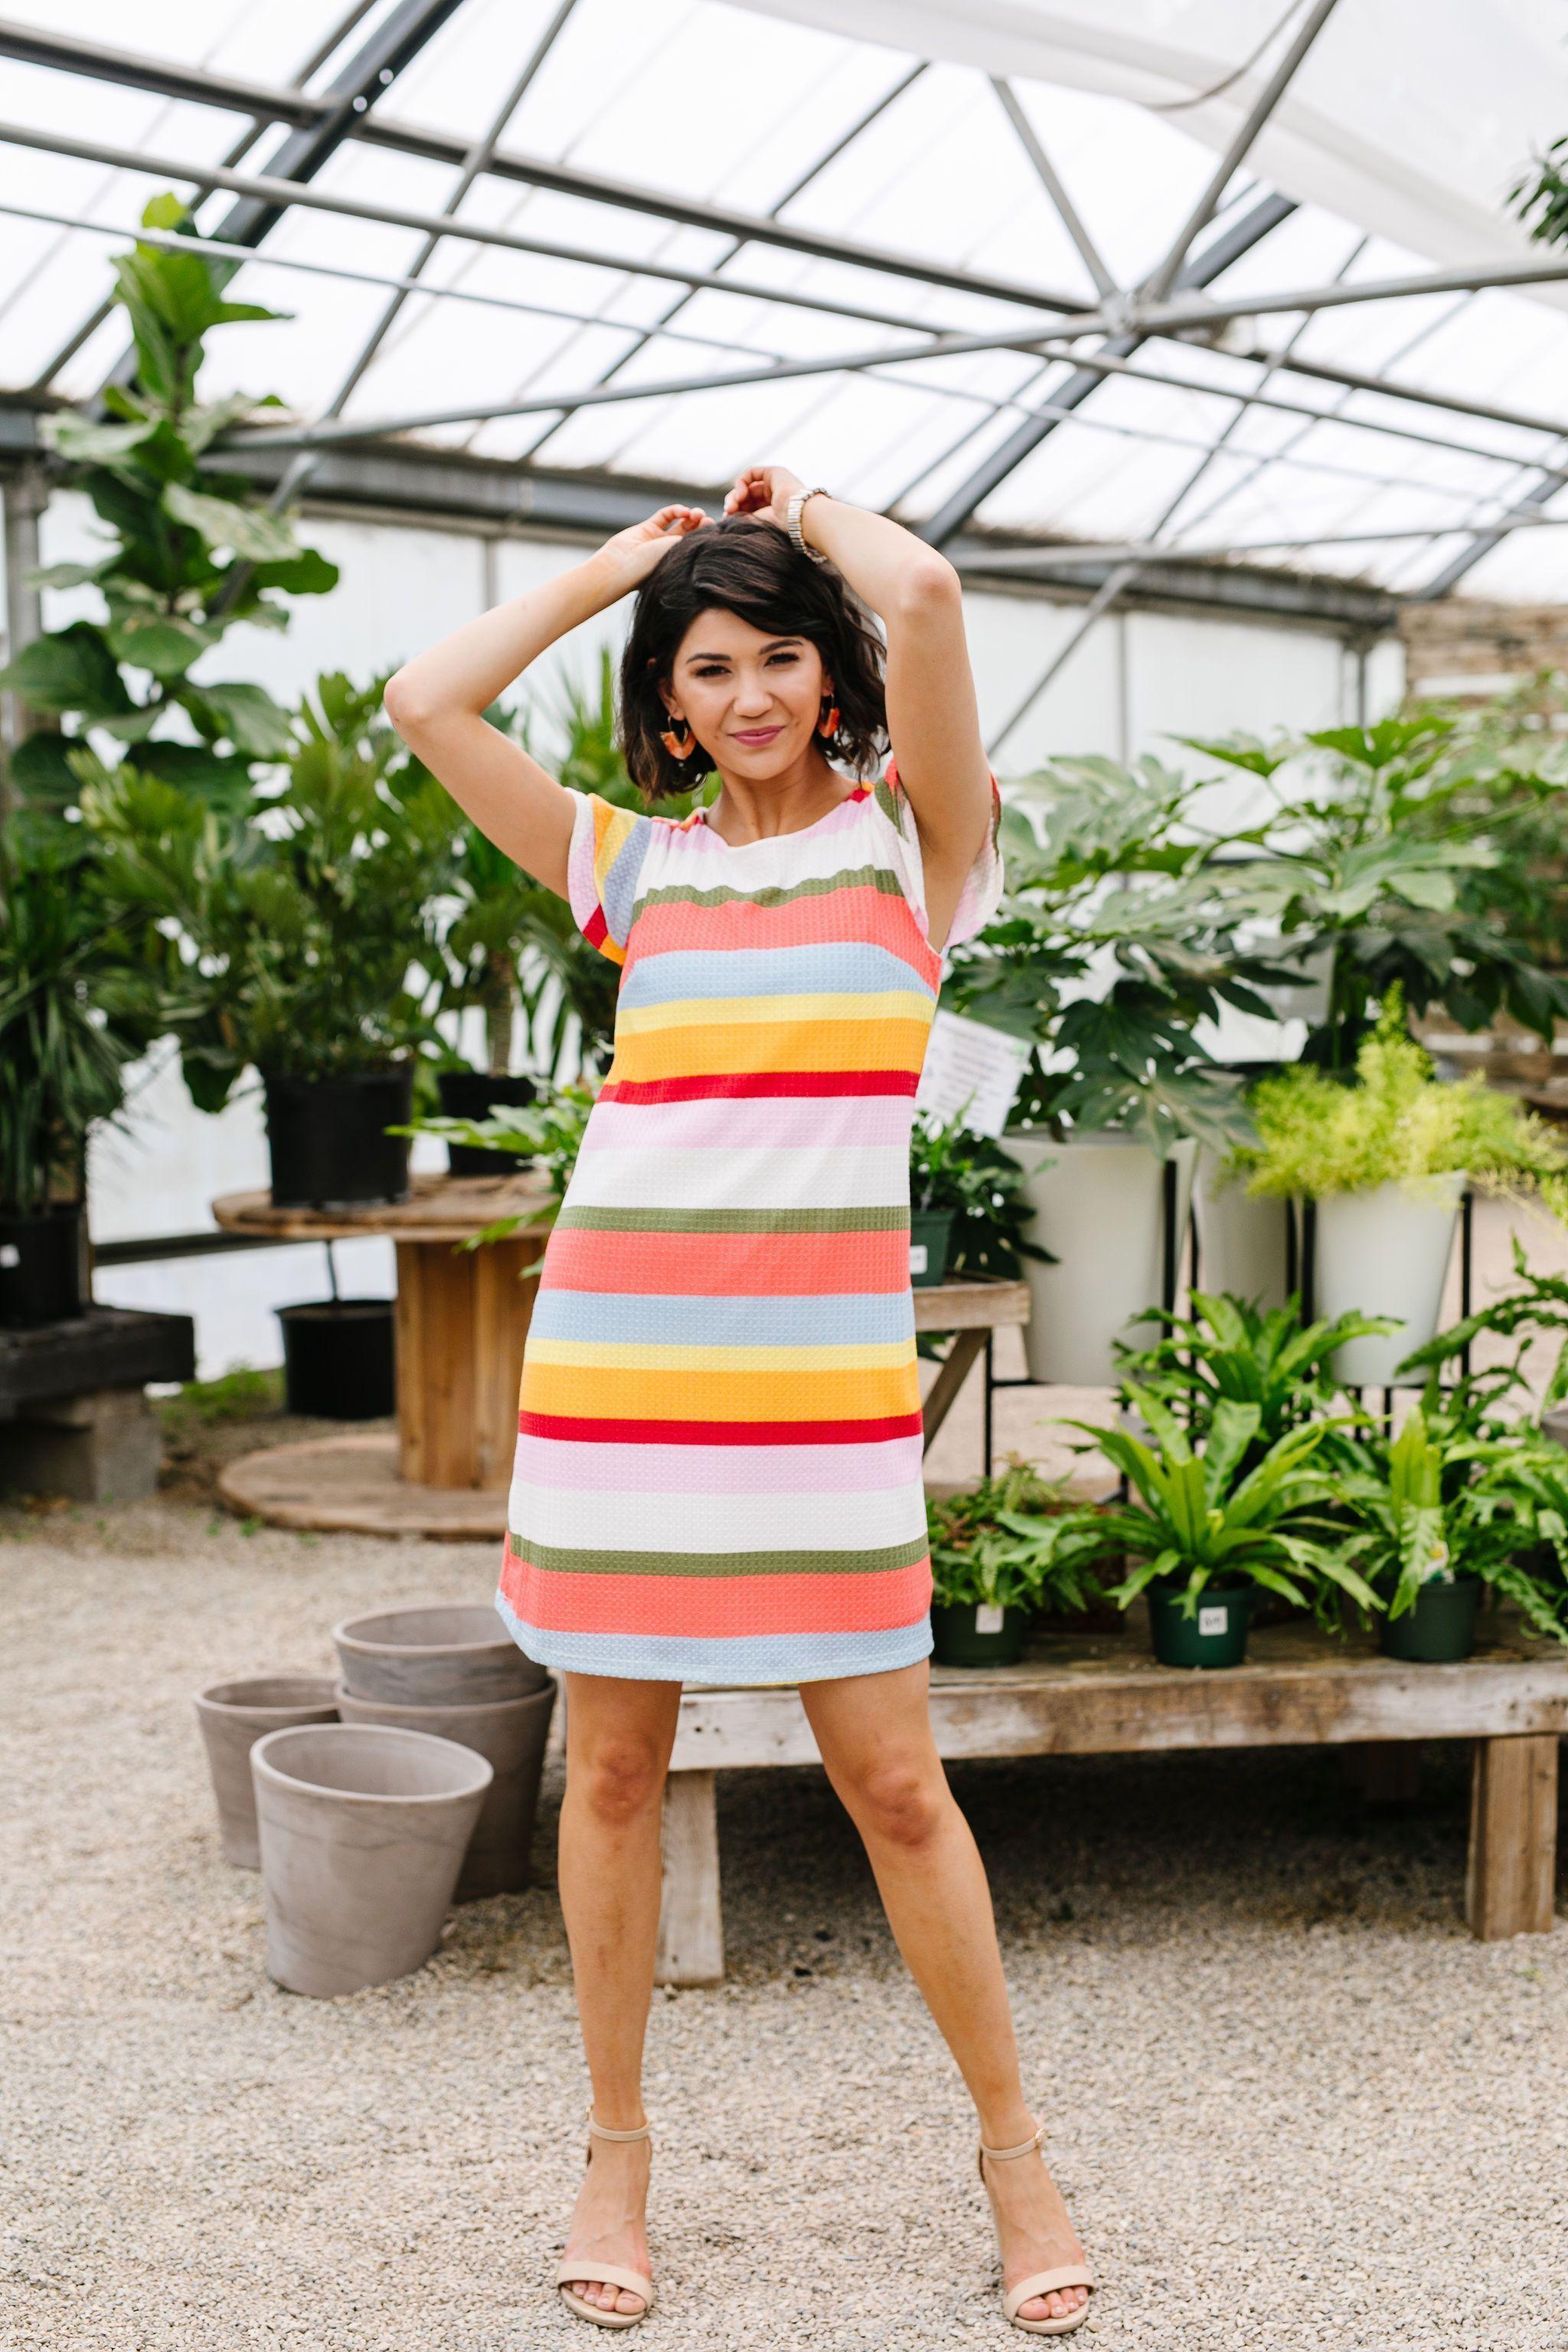 Summer Stripes Waffle Knit Dress Rural Haze In 2021 Knit Dress Striped T Shirt Dress Modest Outfits [ 3072 x 2048 Pixel ]